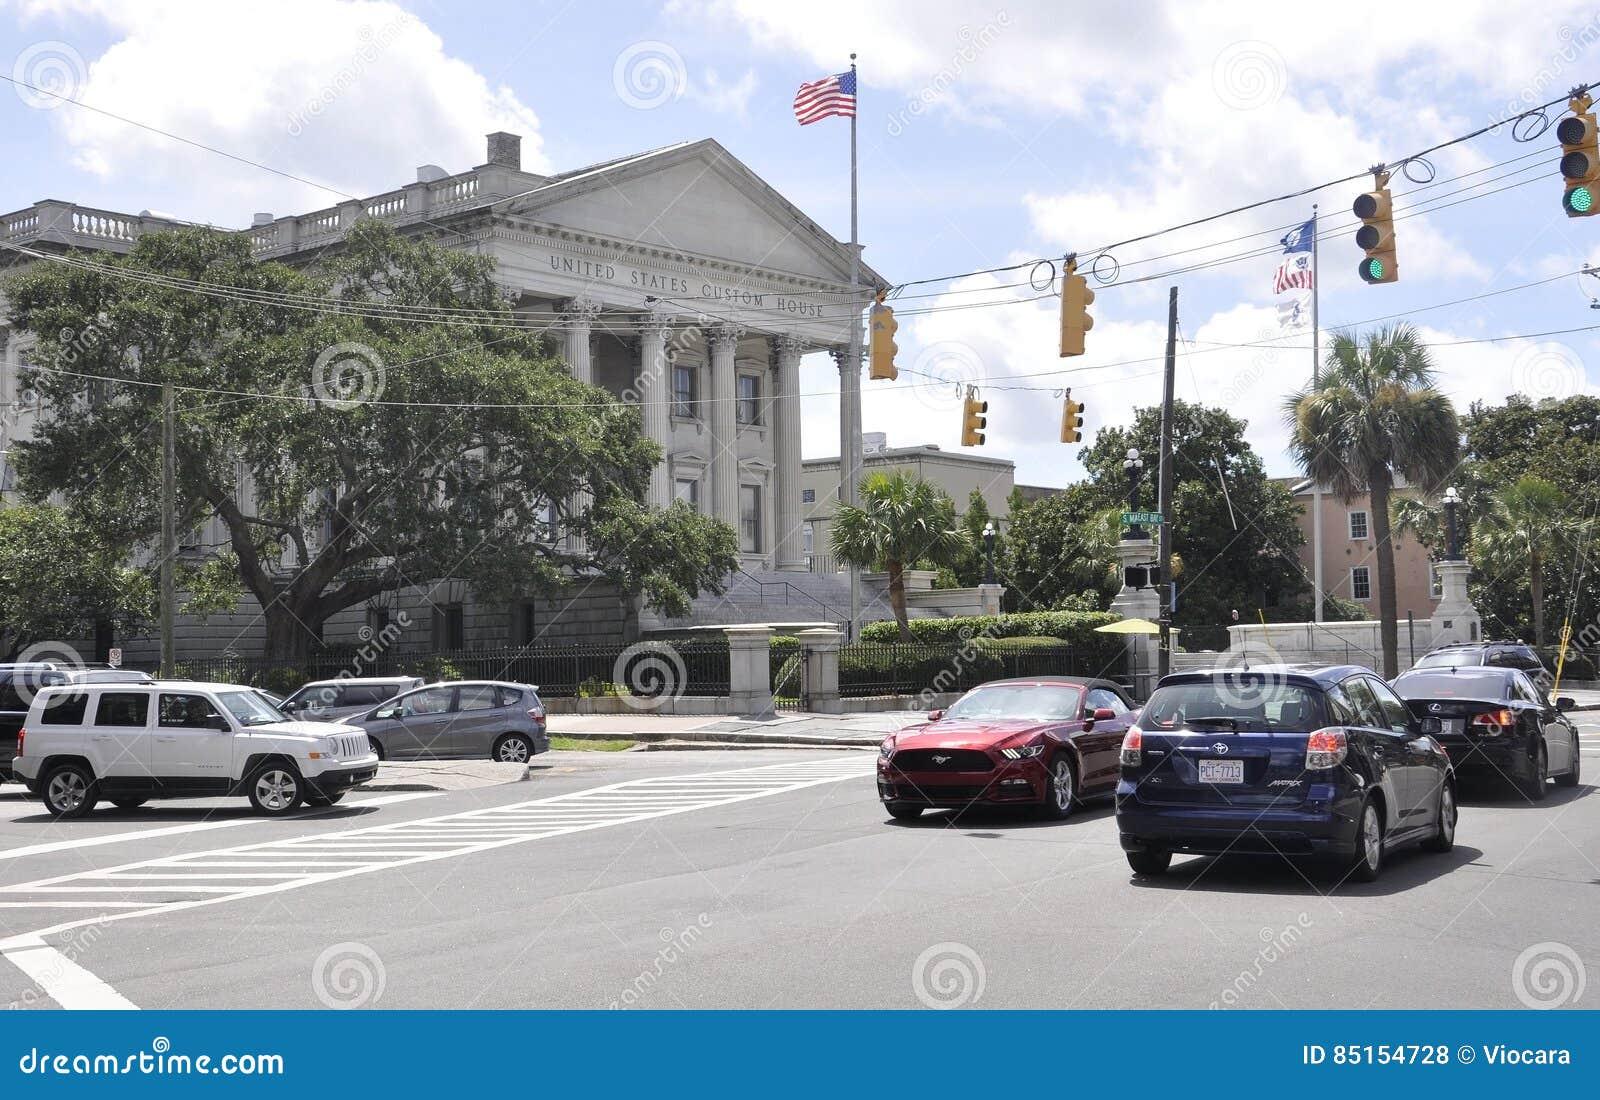 SC Чарлстона, 7-ое августа: U S Улица таможни от Чарлстона в Южной Каролине